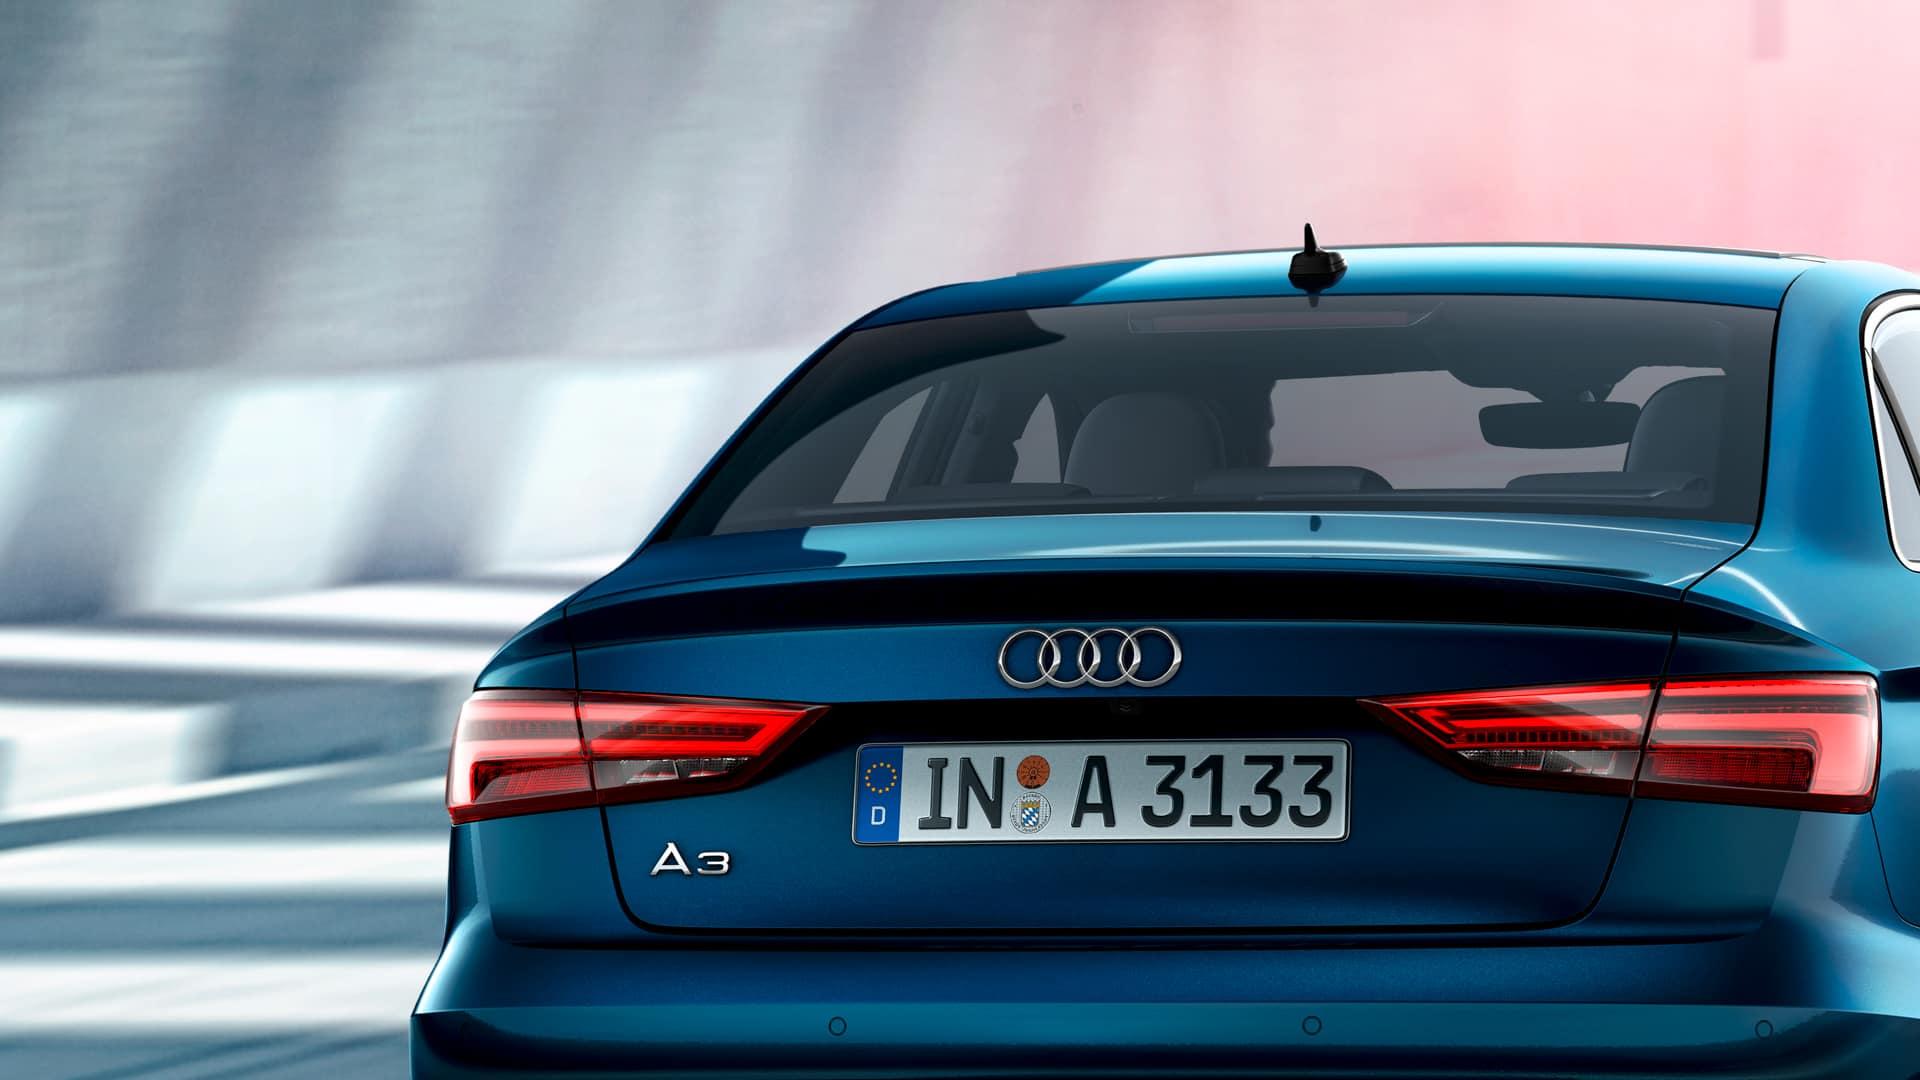 Audi A3 2019 A3 Range Audi Middle East Advancement Through